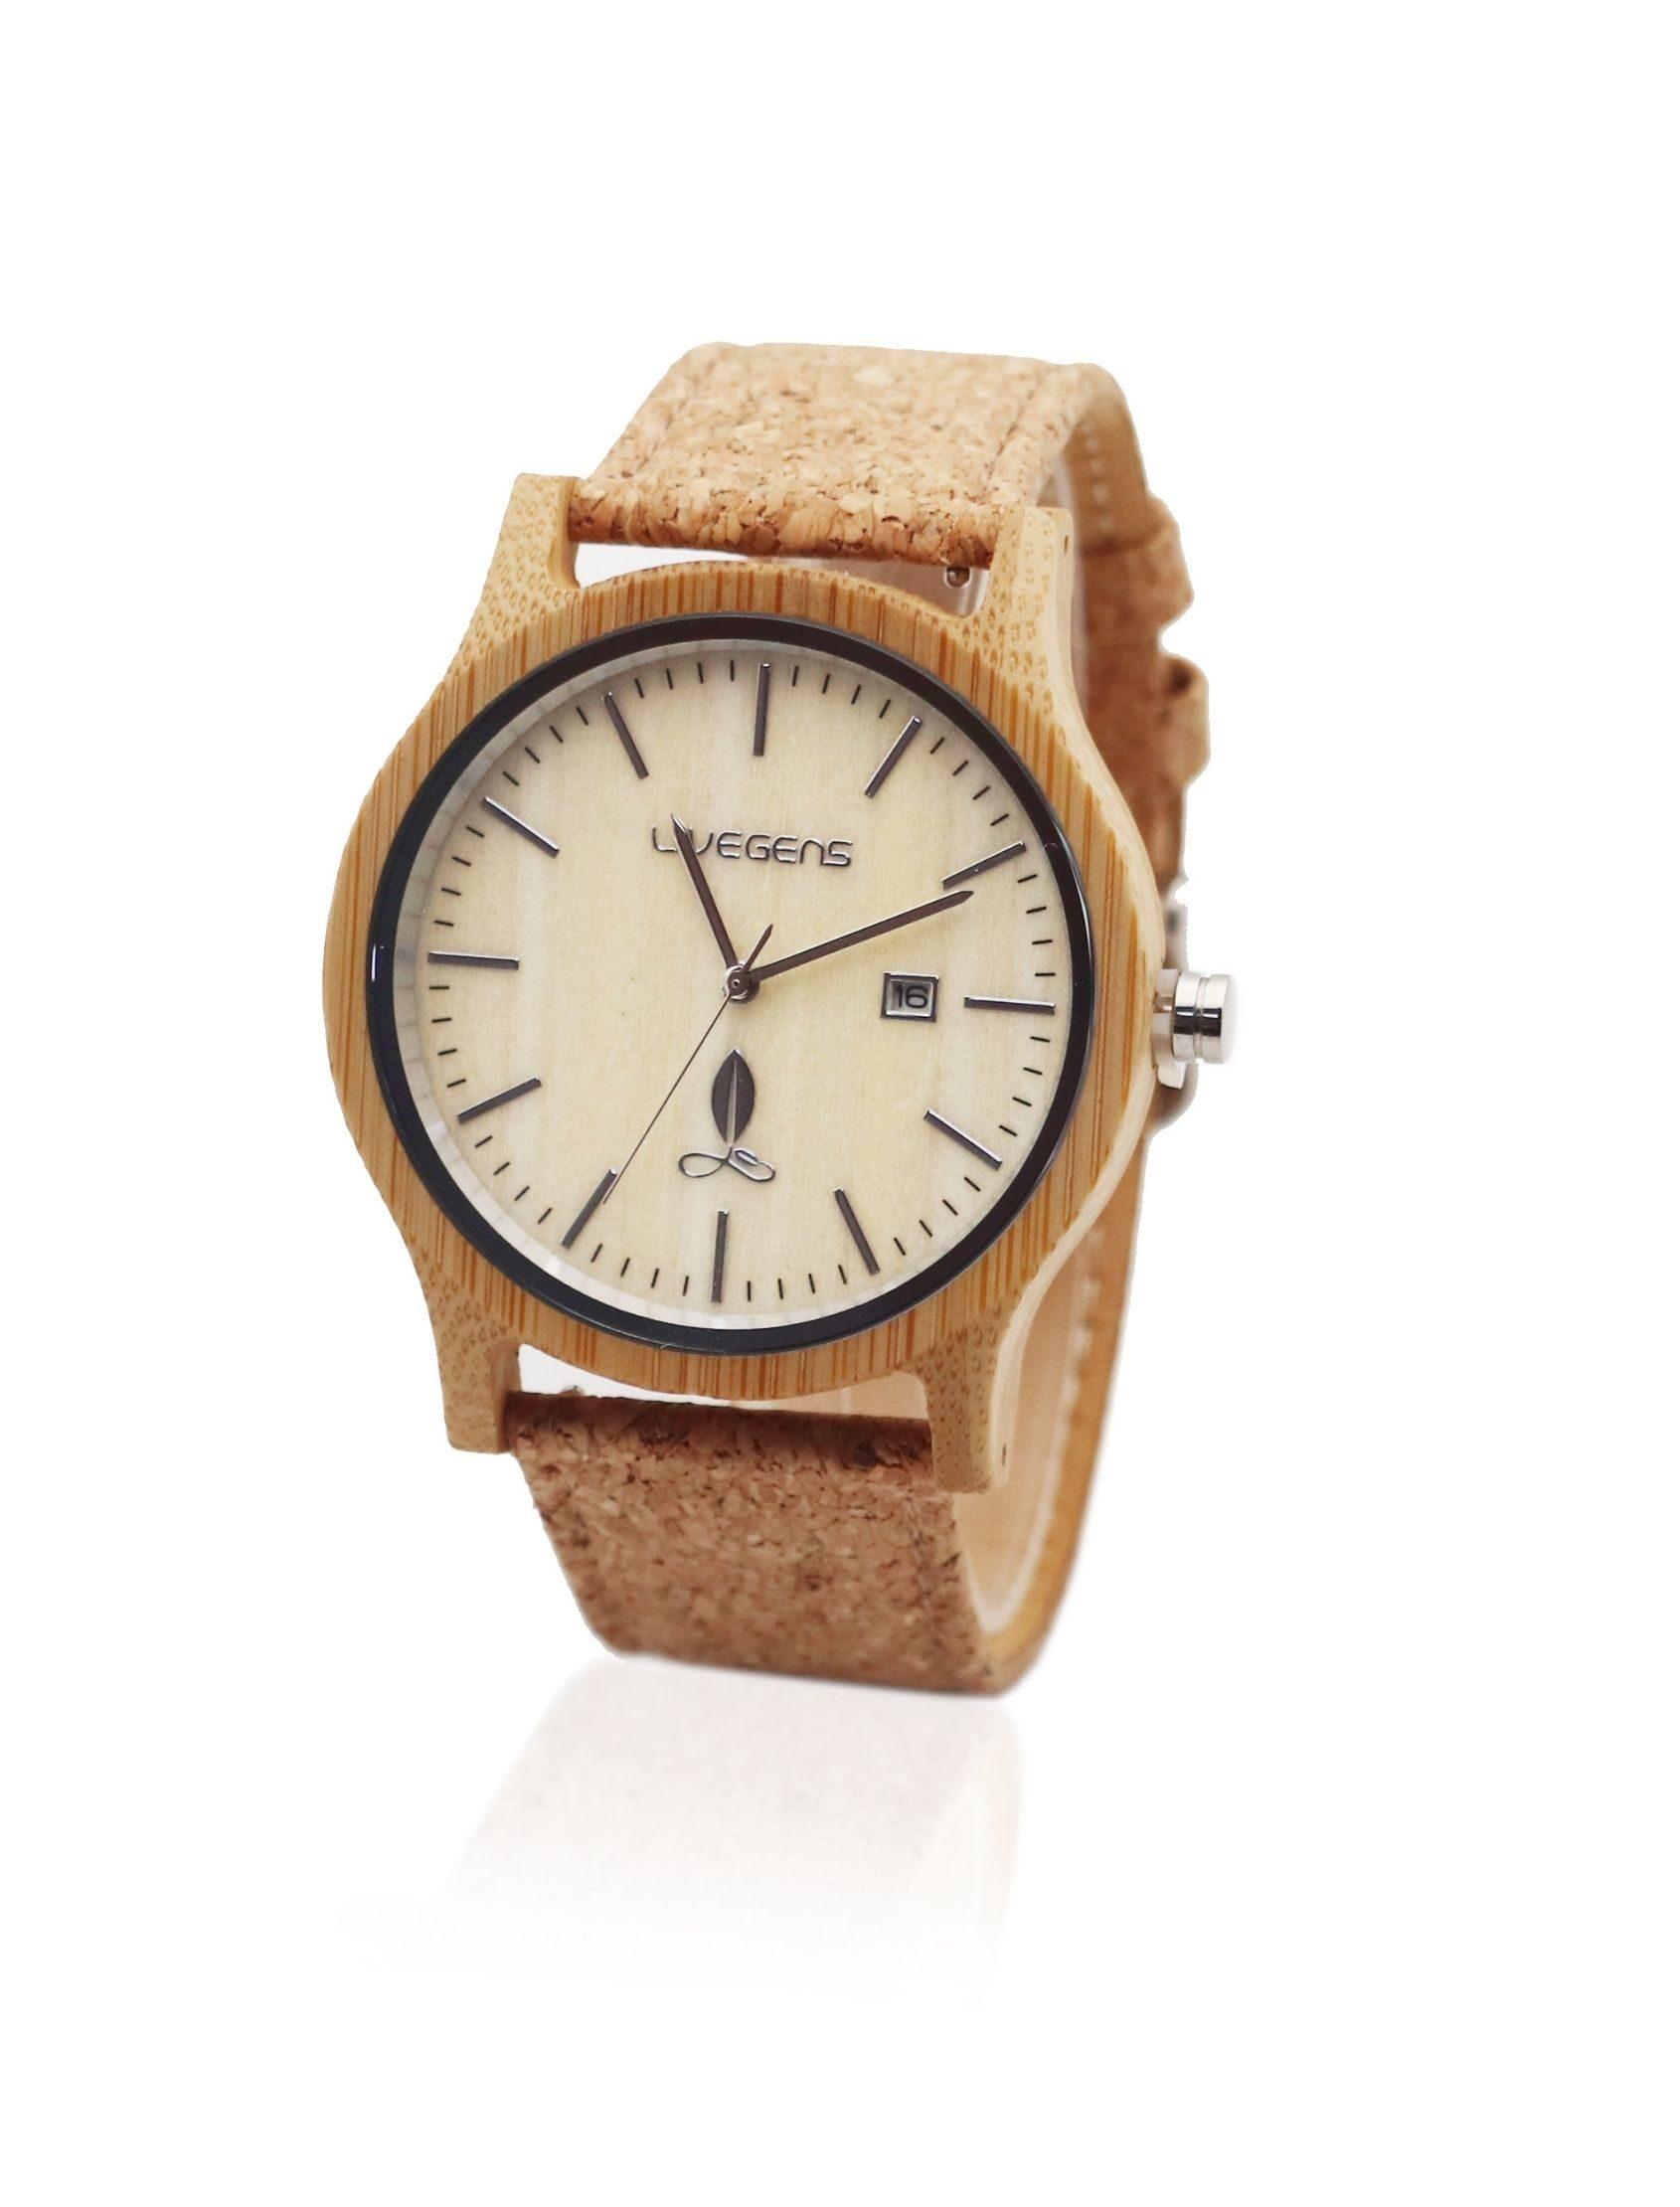 reloj livegens malta con esfera de madera y correa de corcho